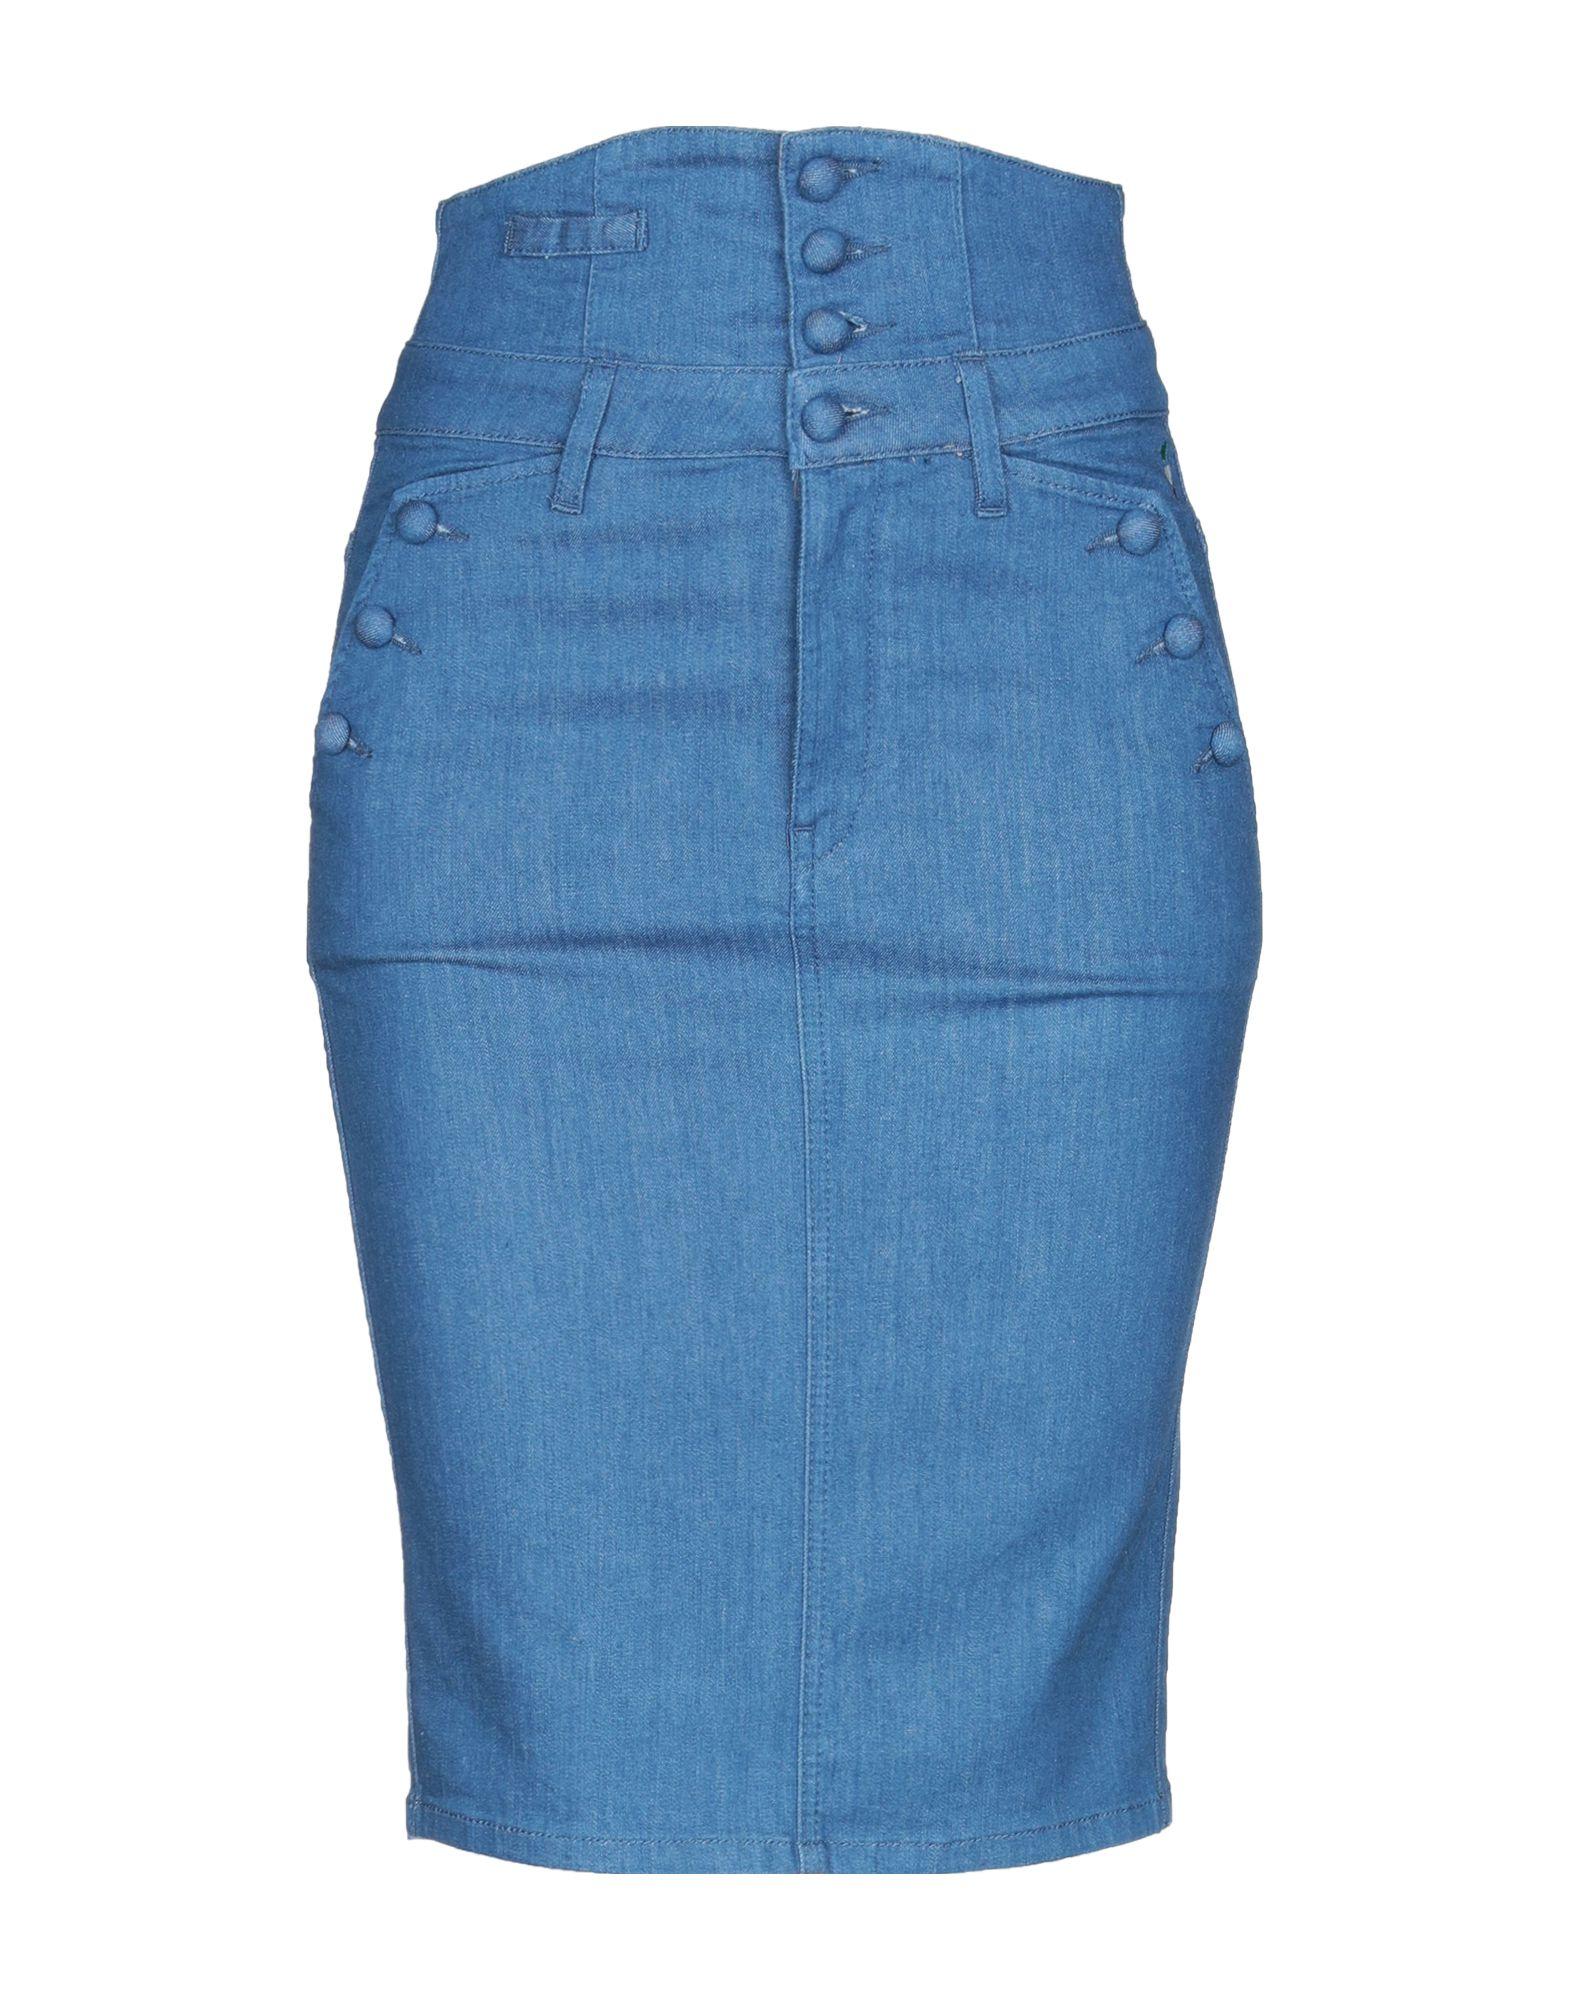 MISS SIXTY Джинсовая юбка стоимость